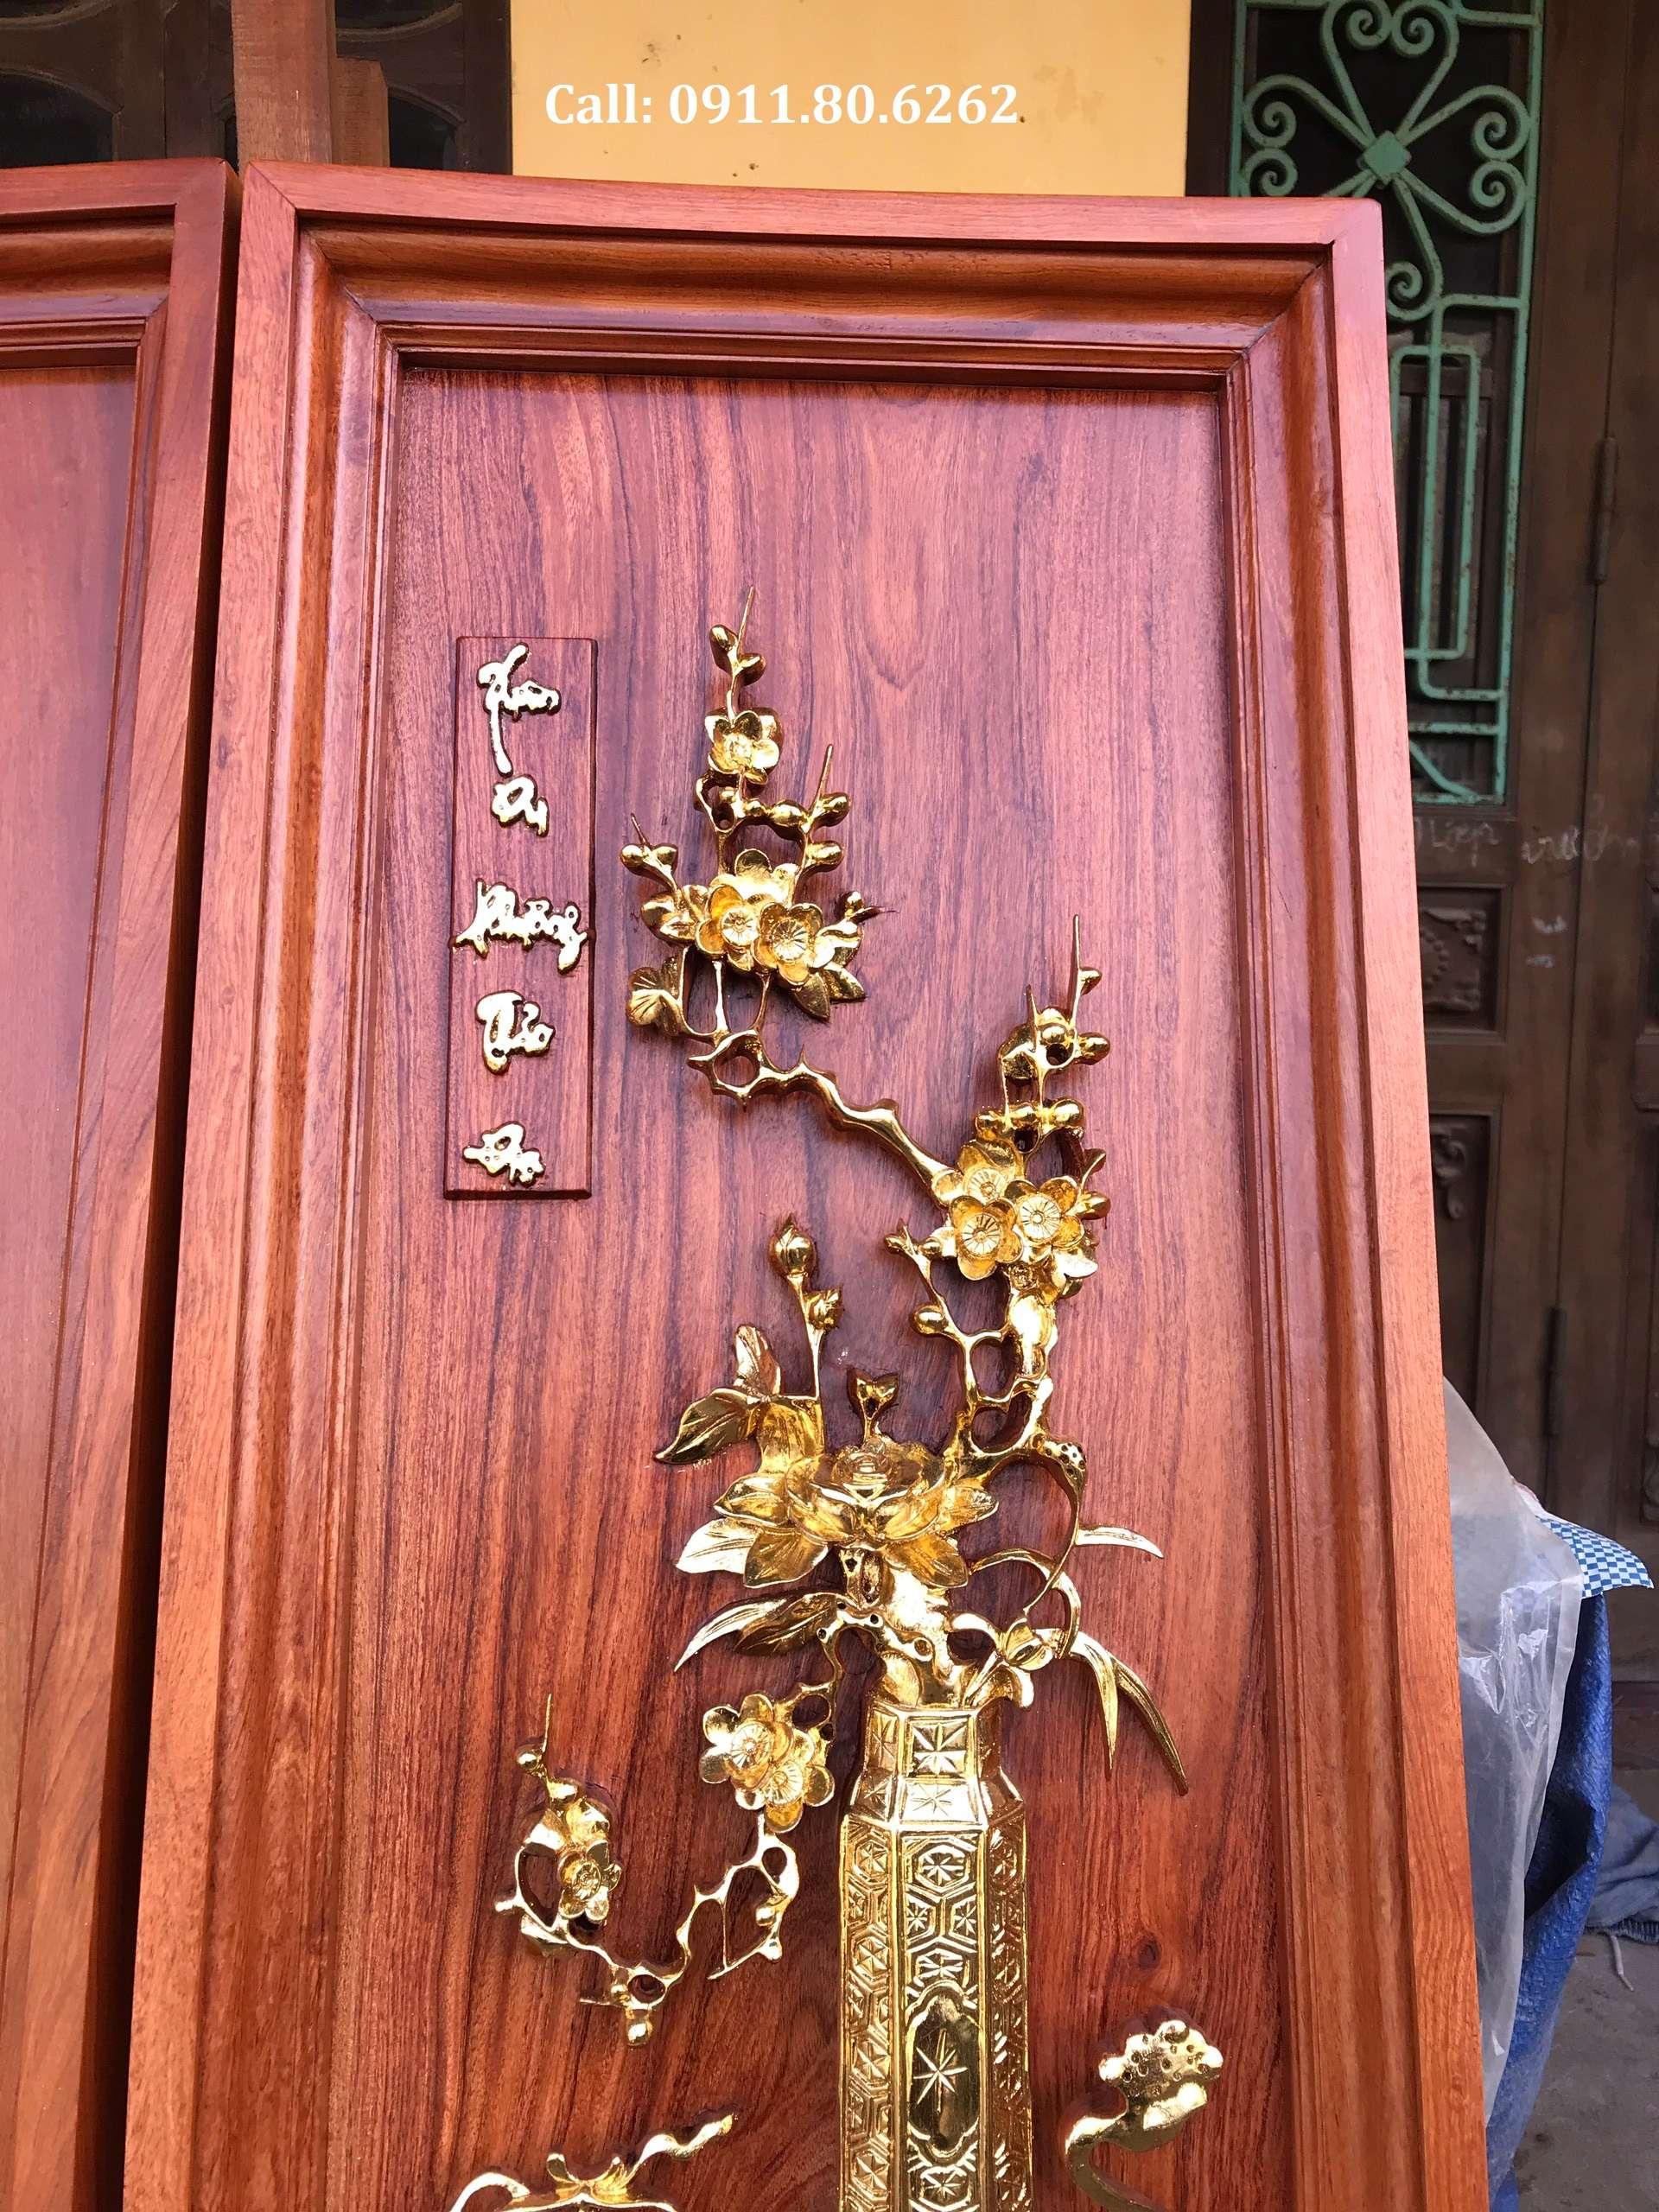 Tranh Tu Binh Son Son Thep Vang 6 - Tranh Tứ Bình Sơn Son Thiếp Vàng MS: 15